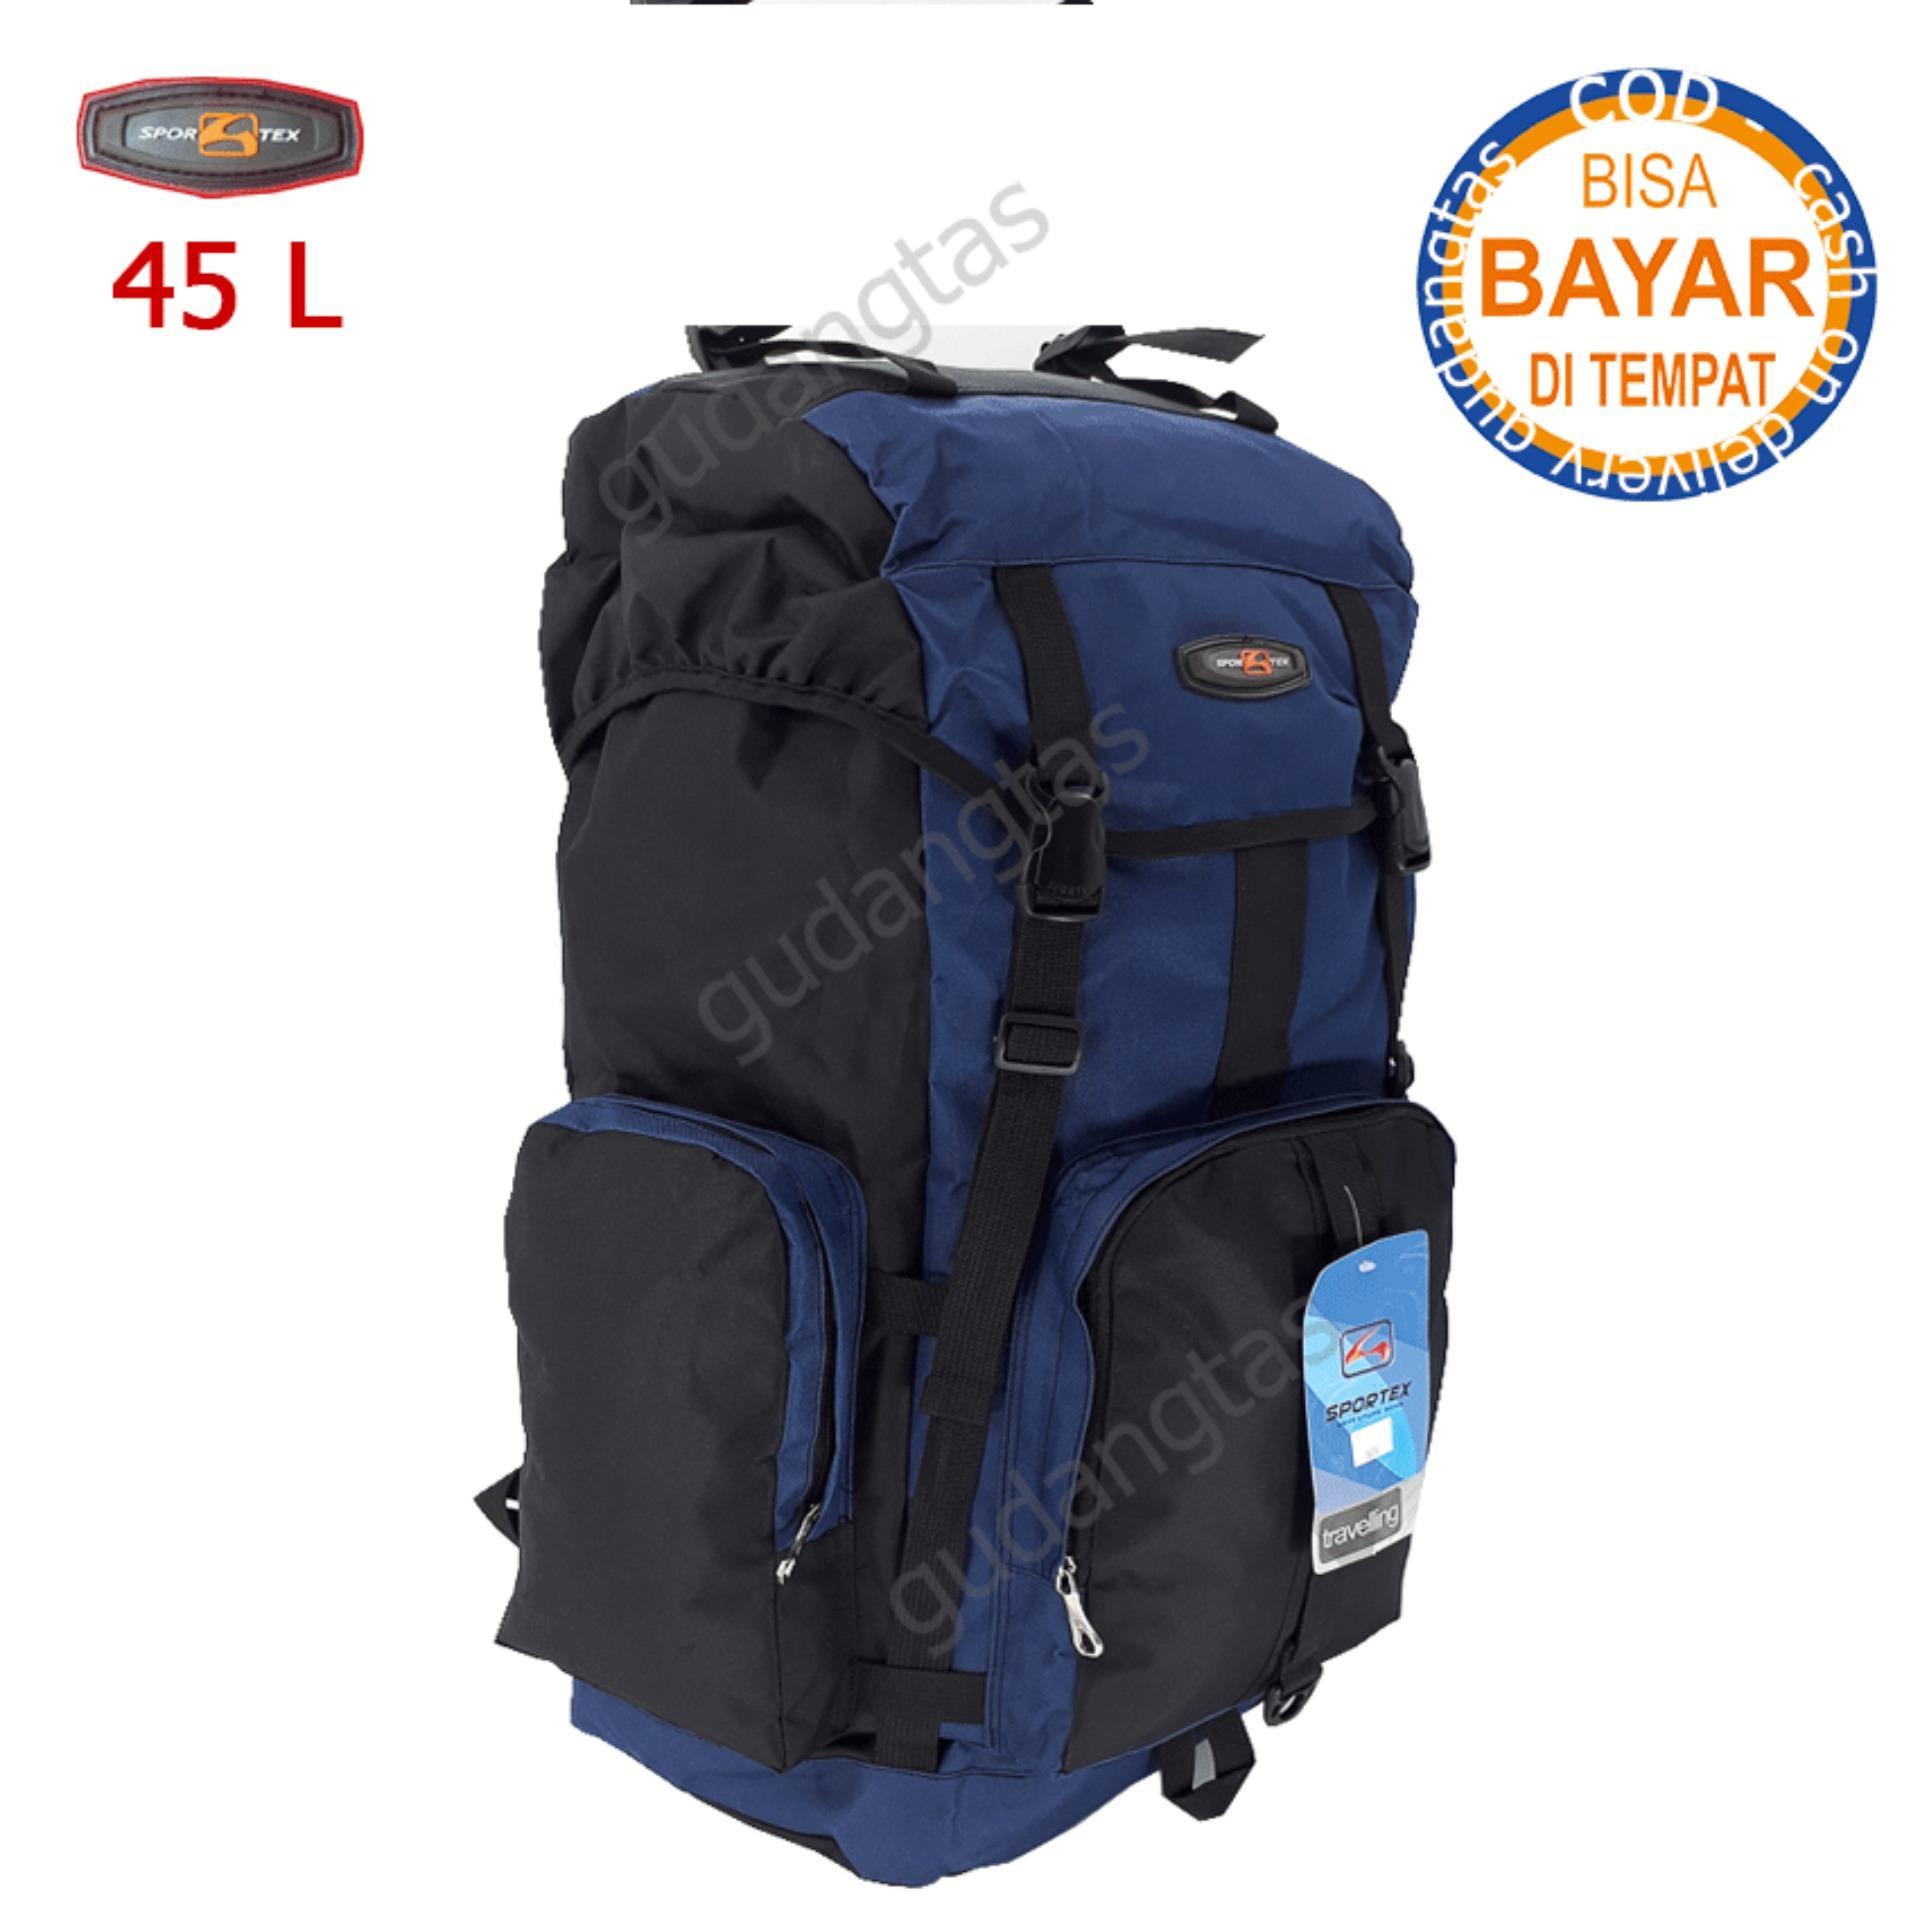 Sportex Tas Gunung Tas Keril Tas Carrier Tas Camping Tas Hiking 45L 04YY40L Dongker kombinasi Hitam